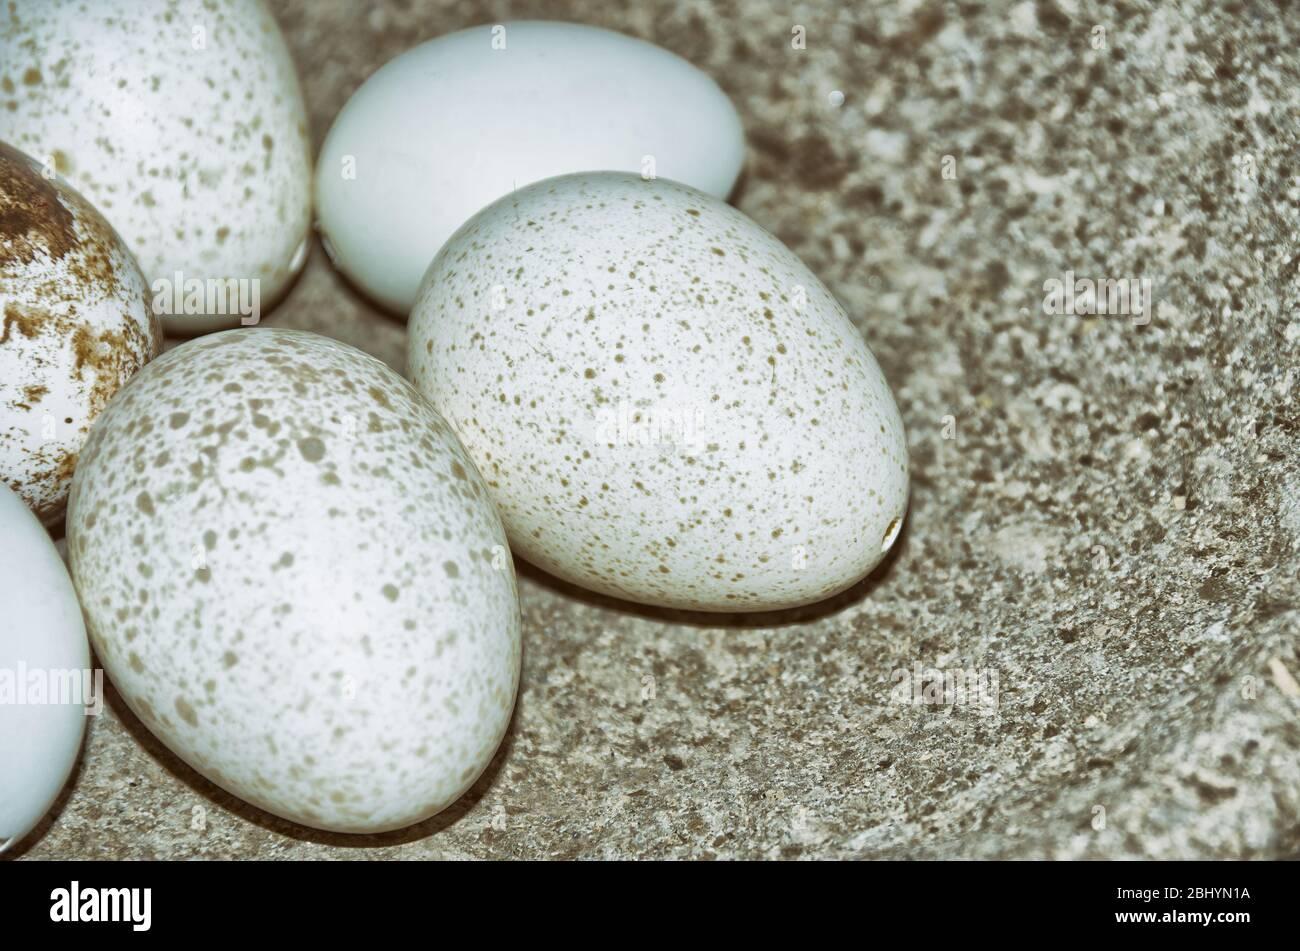 Weiße, gesprenkelte und ausgeblasene Vogeleier werden als Ostereier in eine Steinschale gelegt. Stockfoto